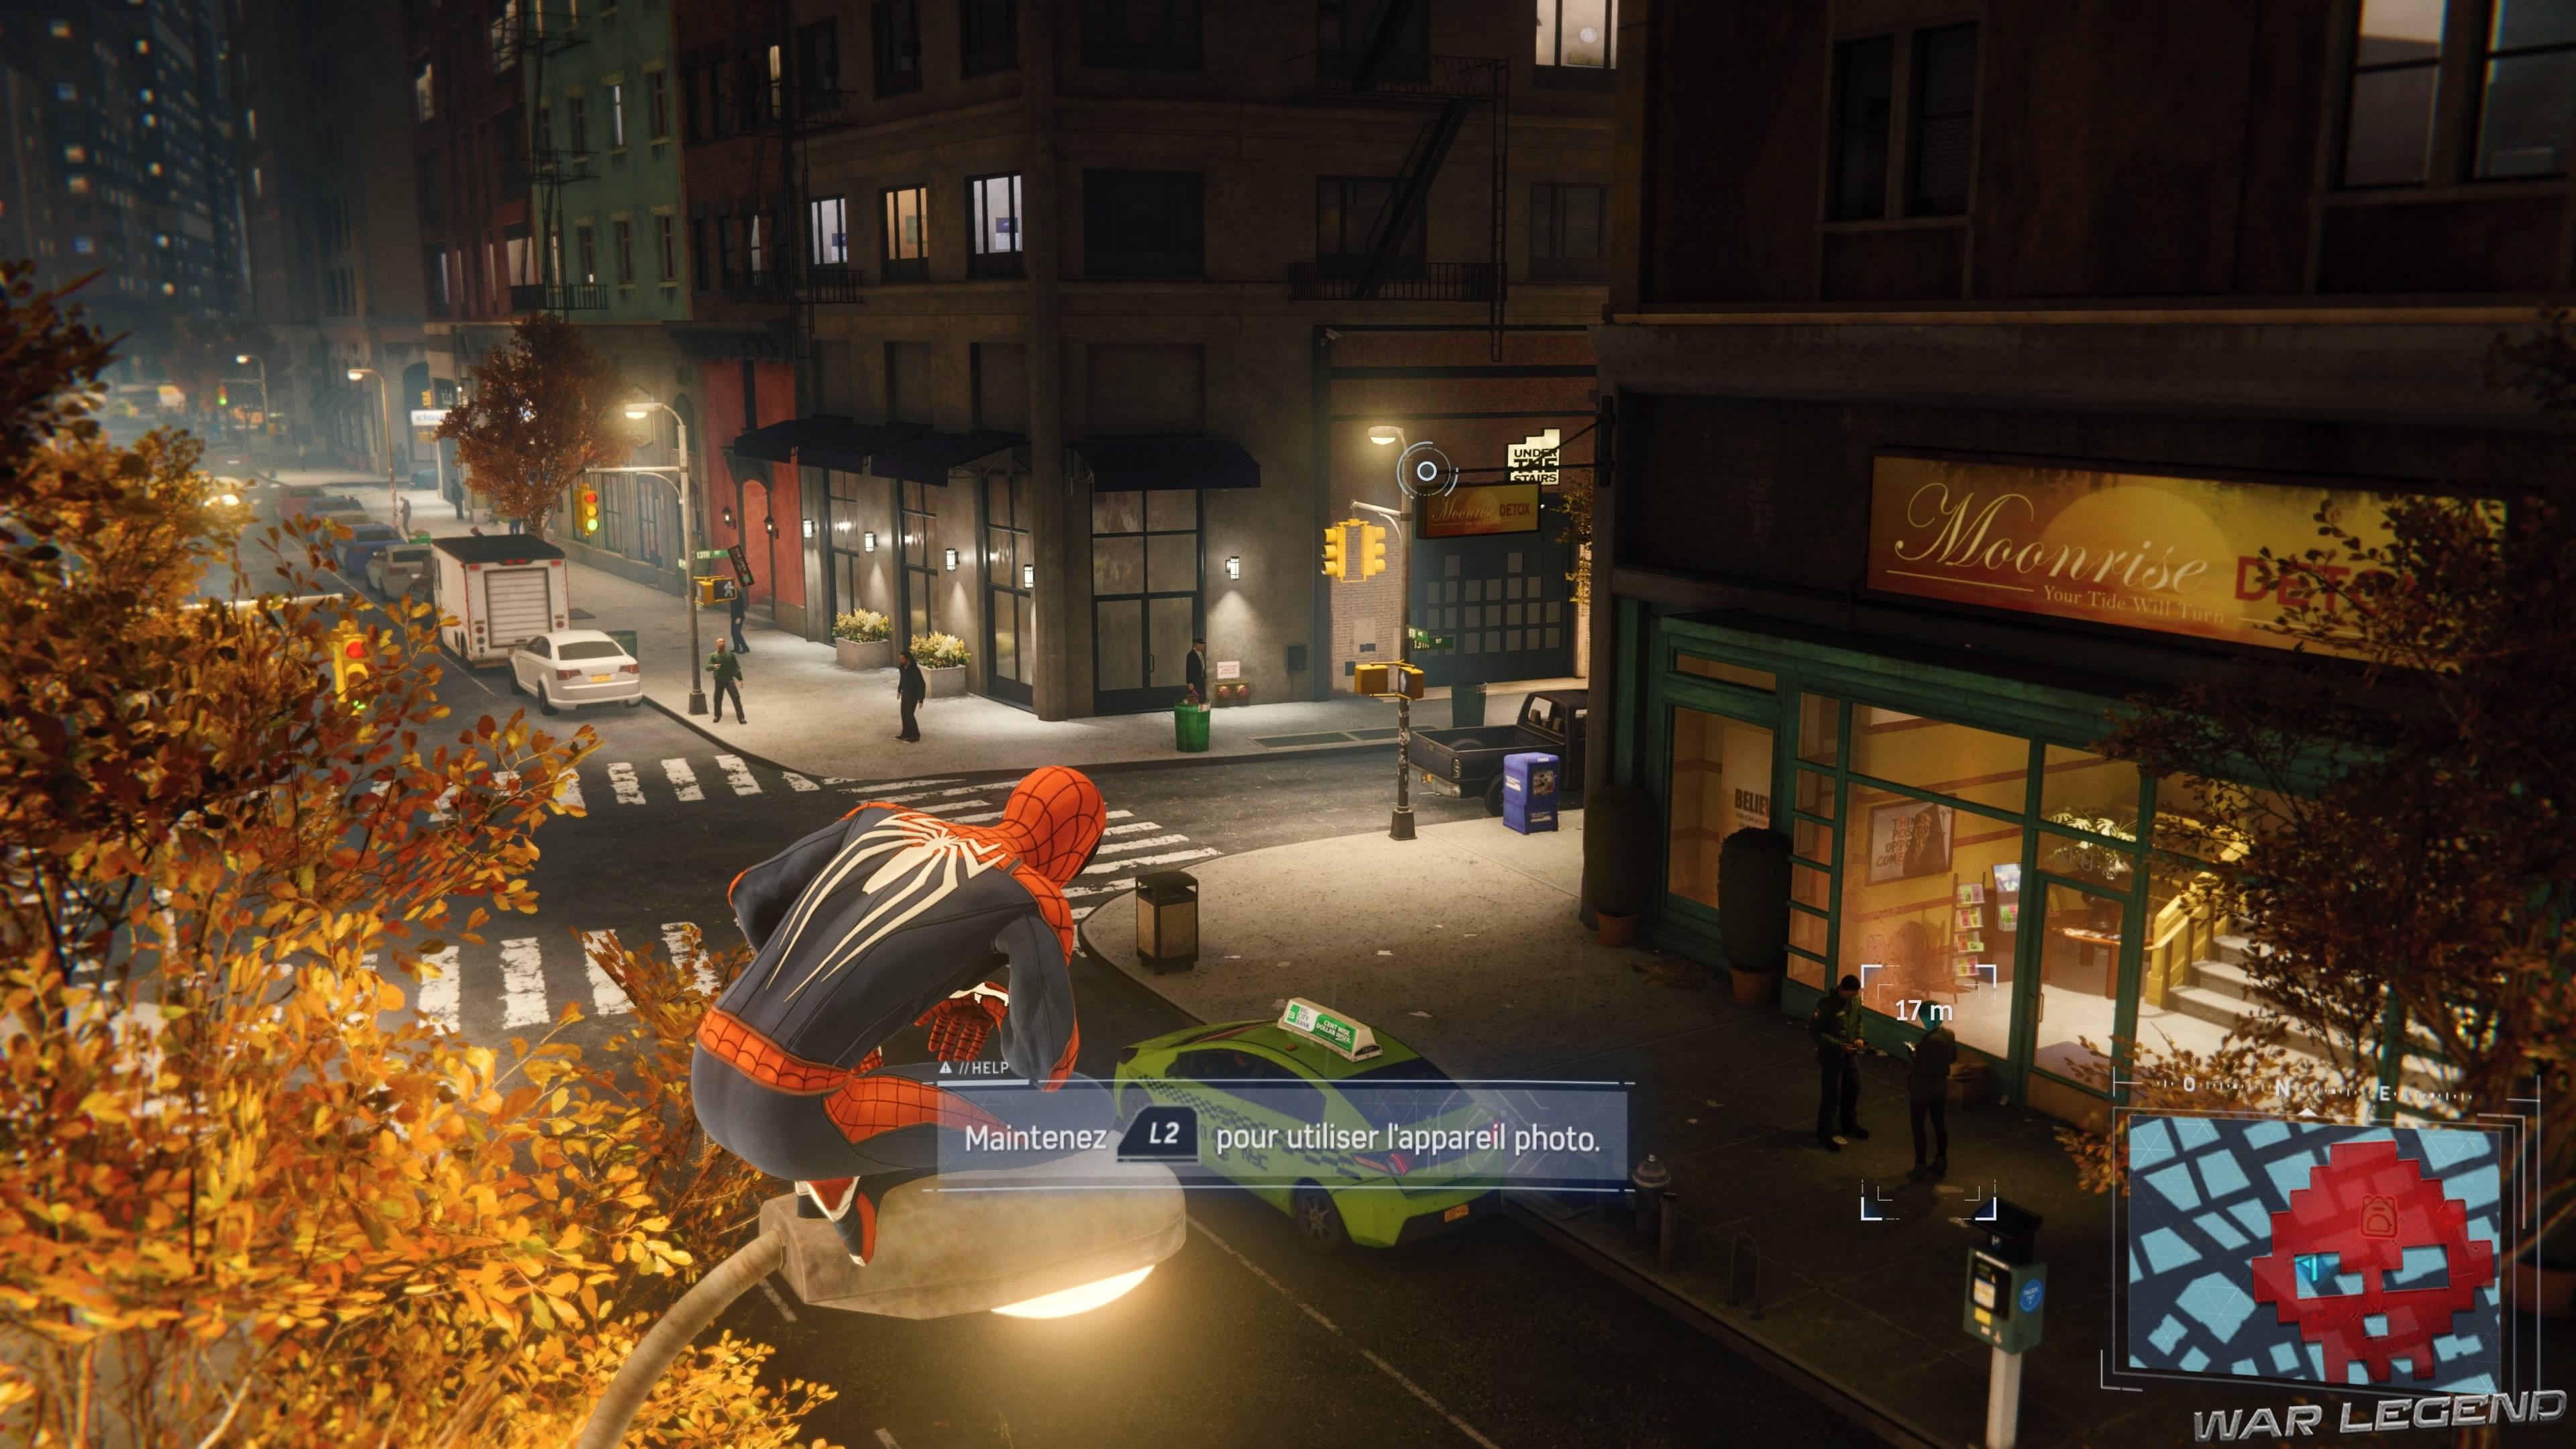 Spiderman prend une photo de la cible